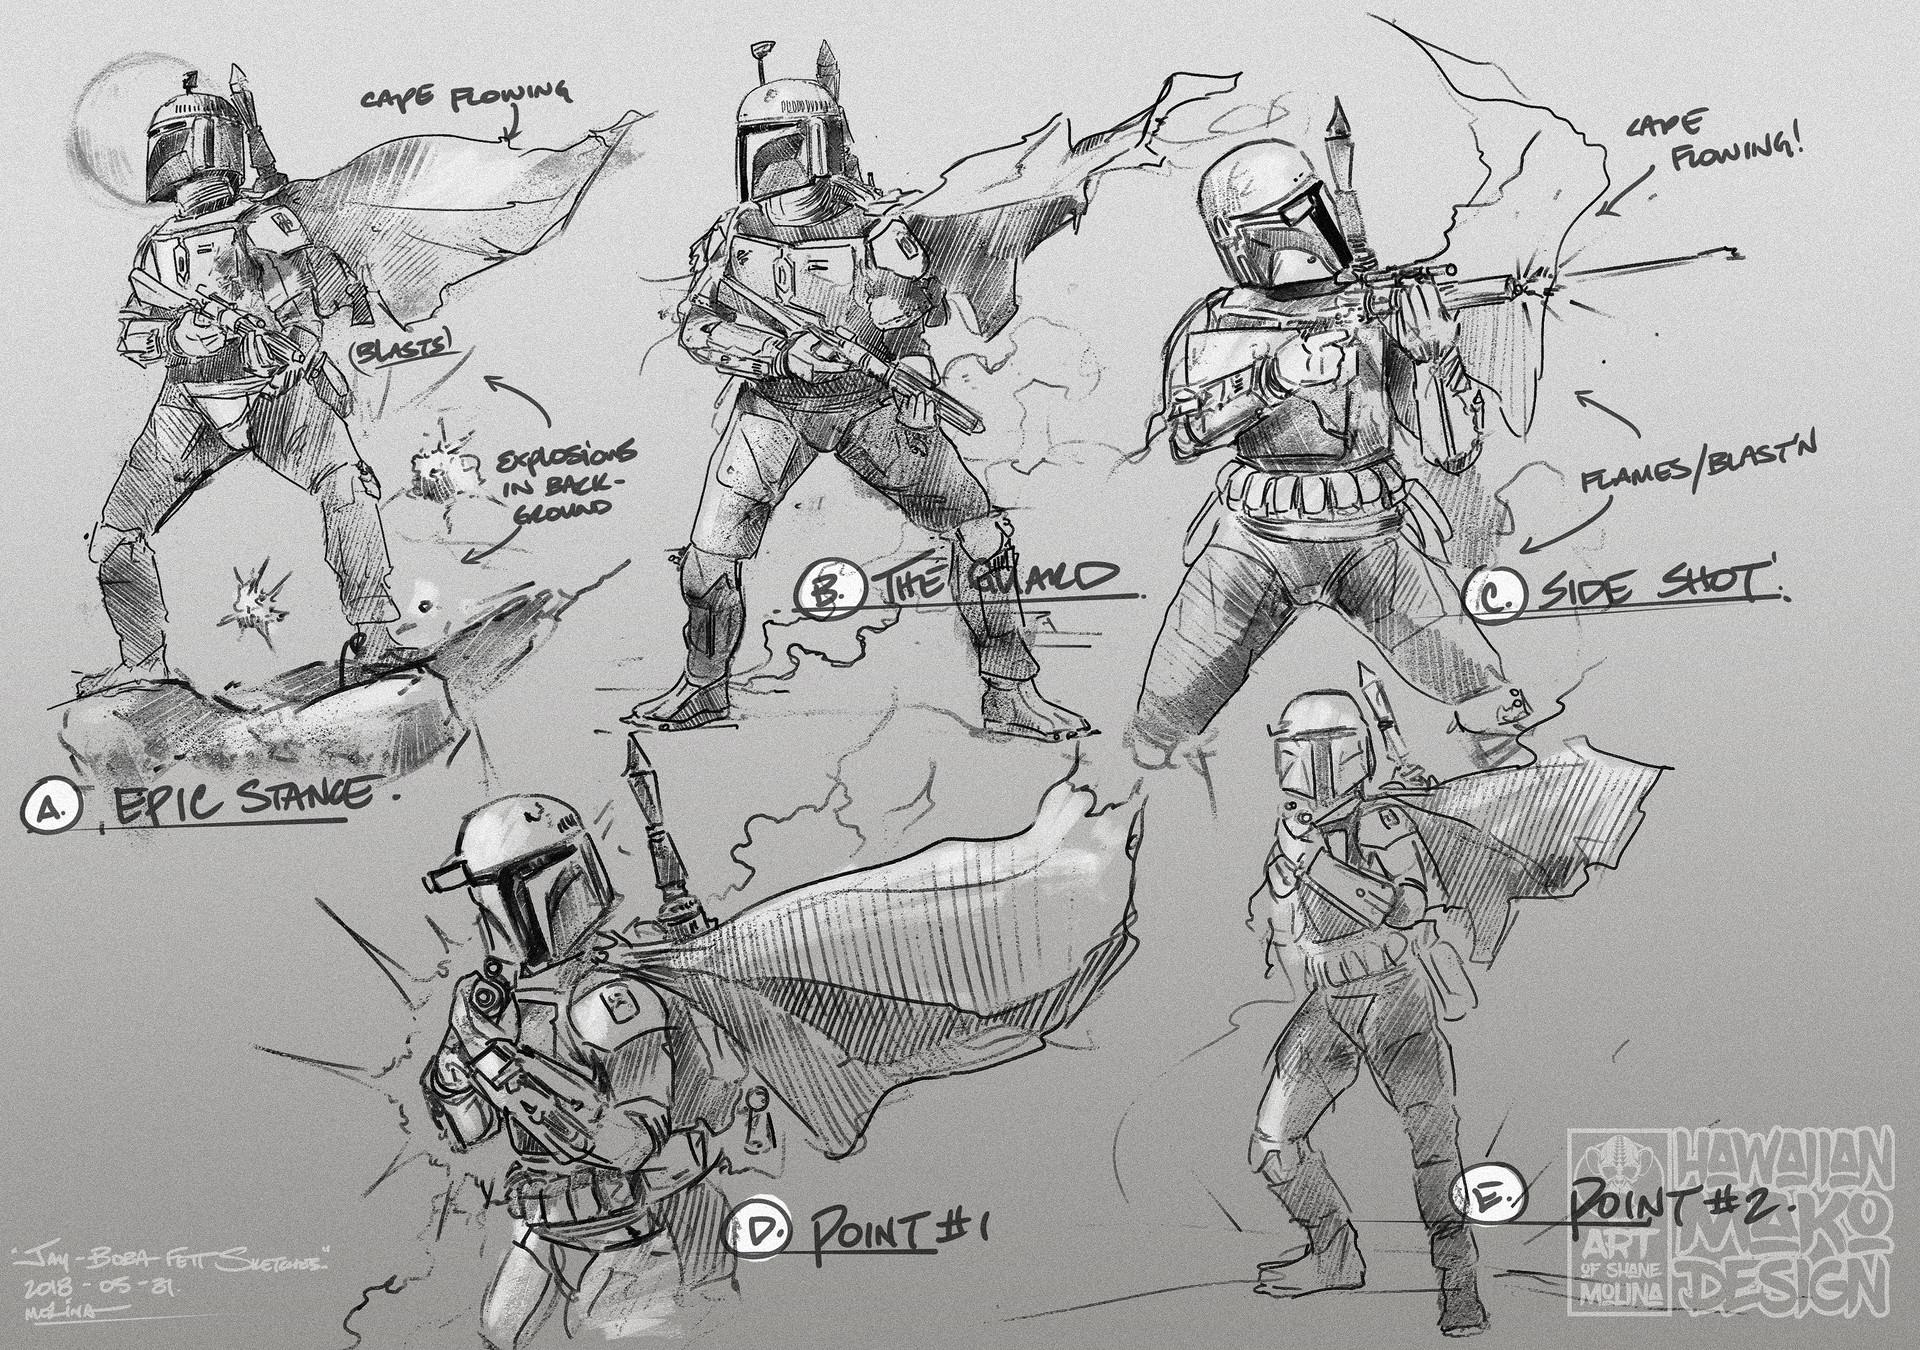 Shane molina jay preboba sketches